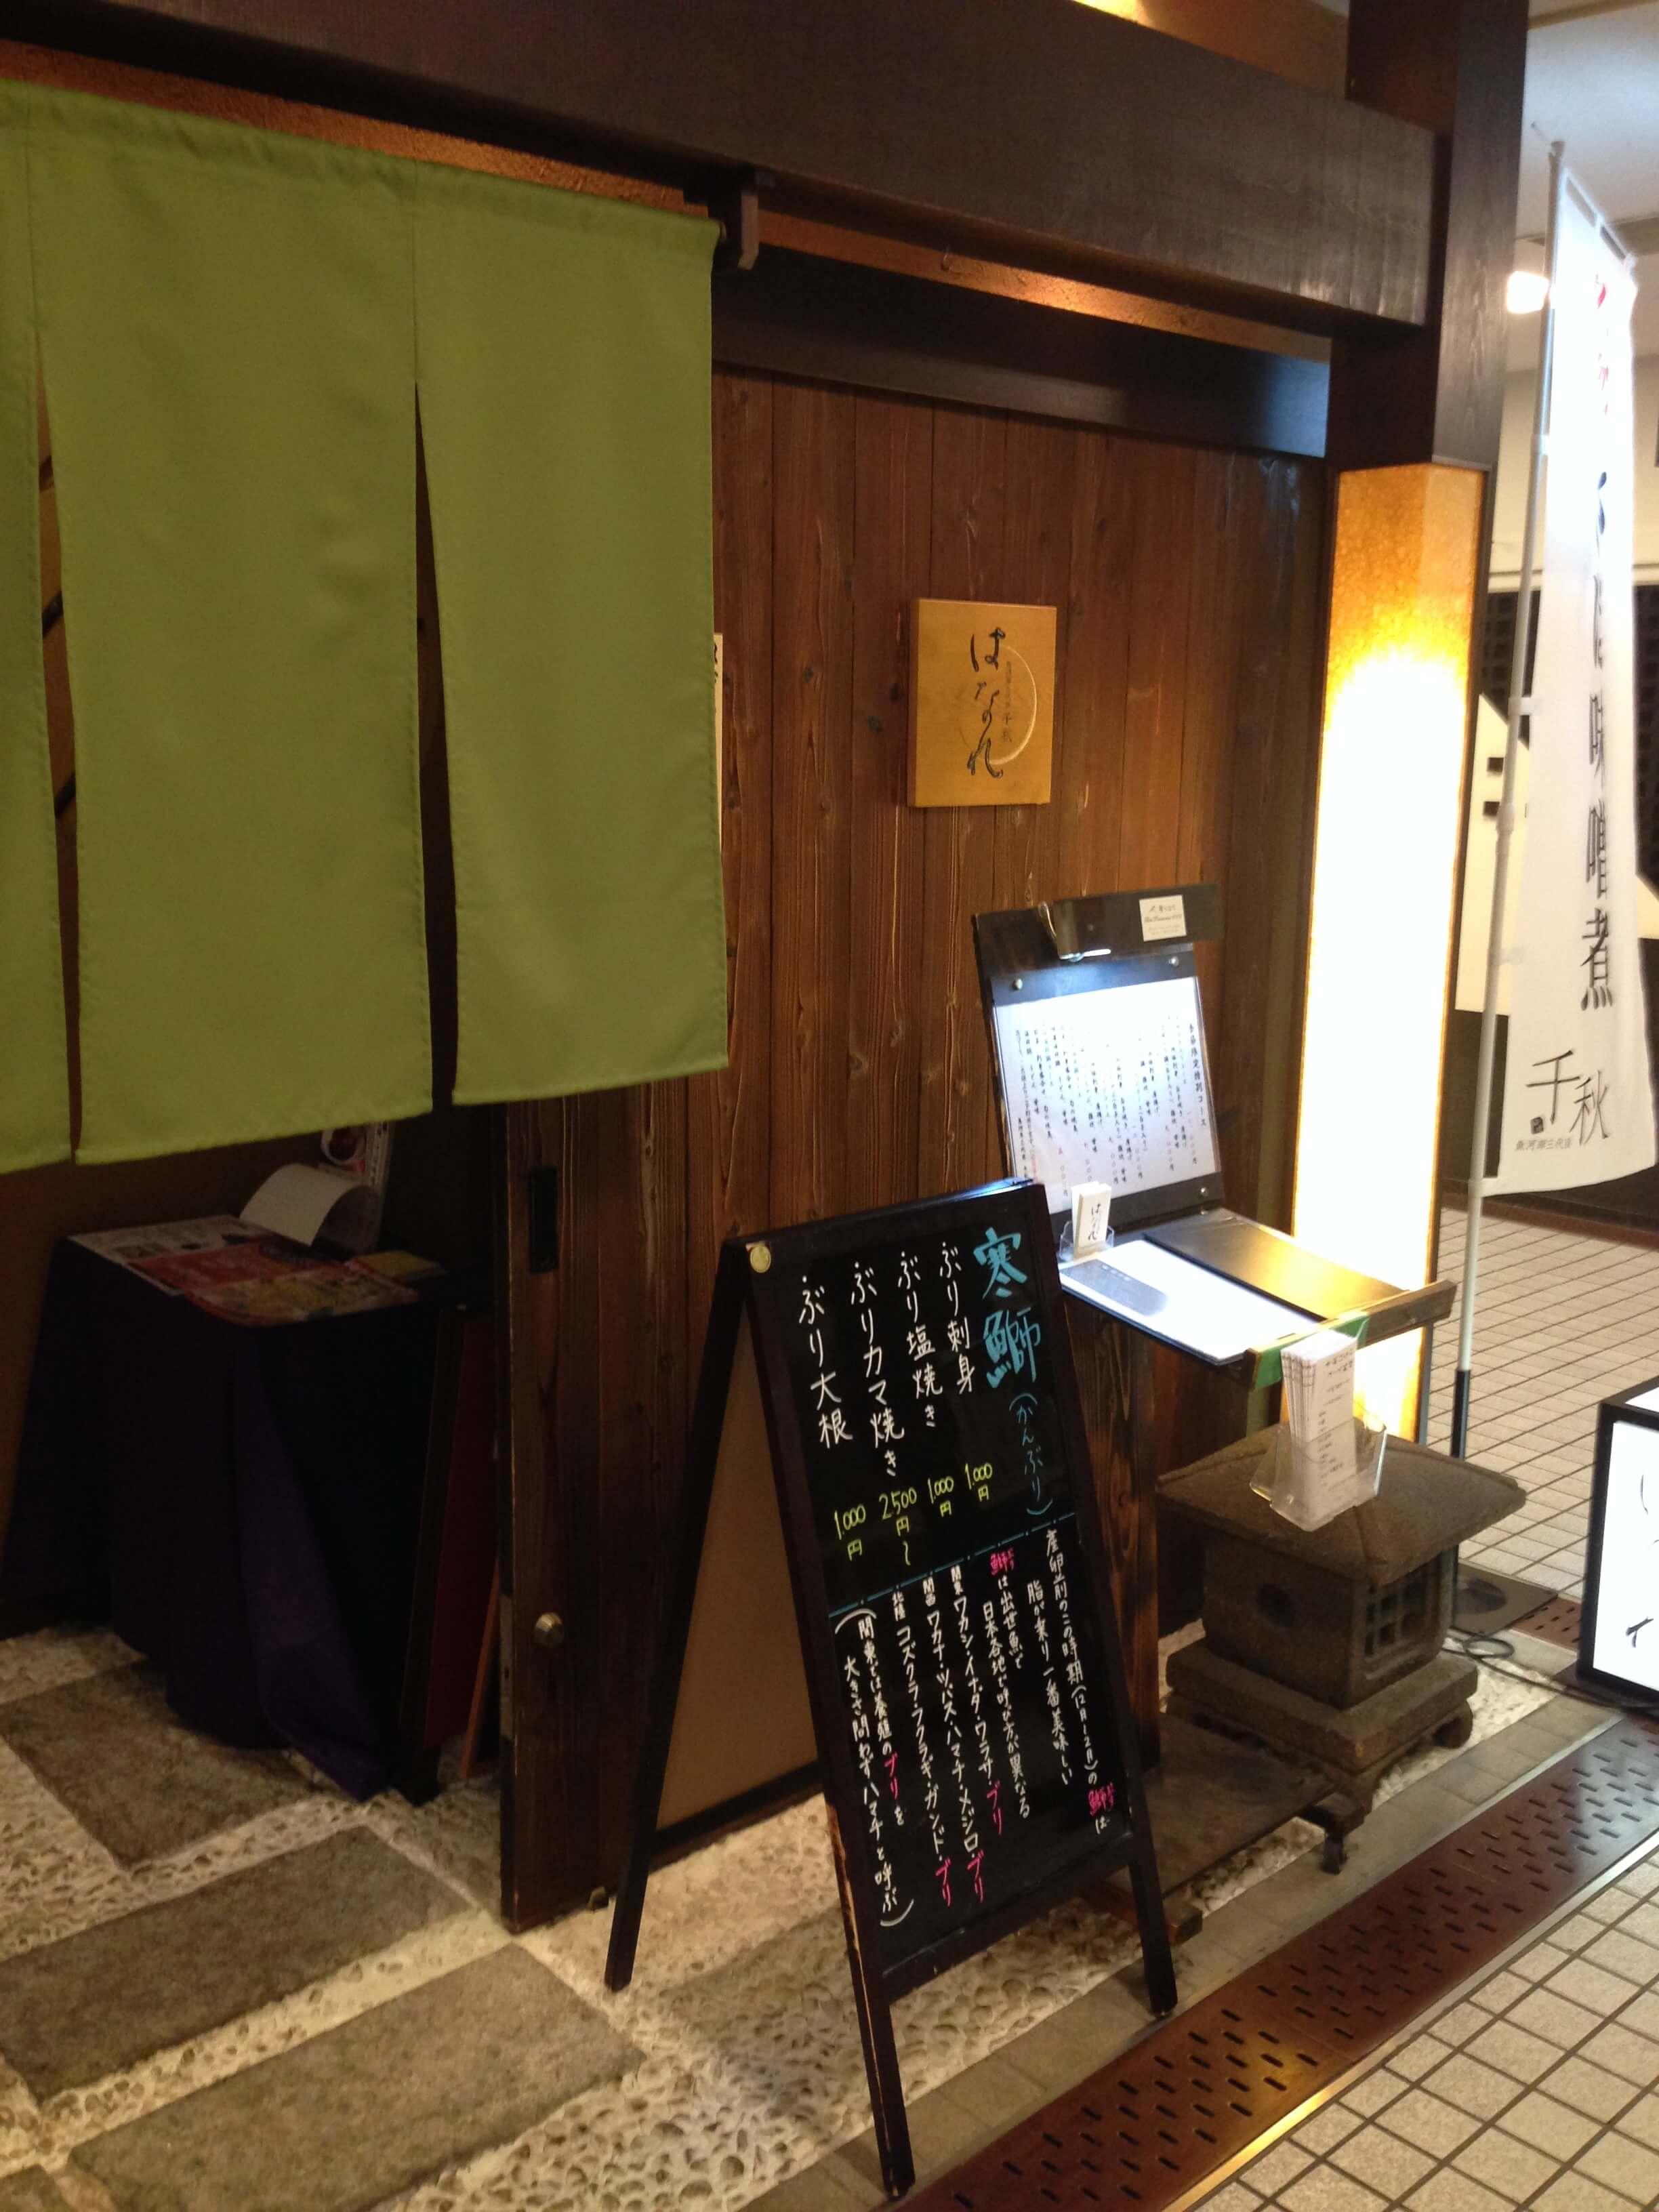 【食レポ】築地市場 魚河岸三代目 千秋(ちあき)はなれ 名物 鯖の味噌煮をランチで堪能